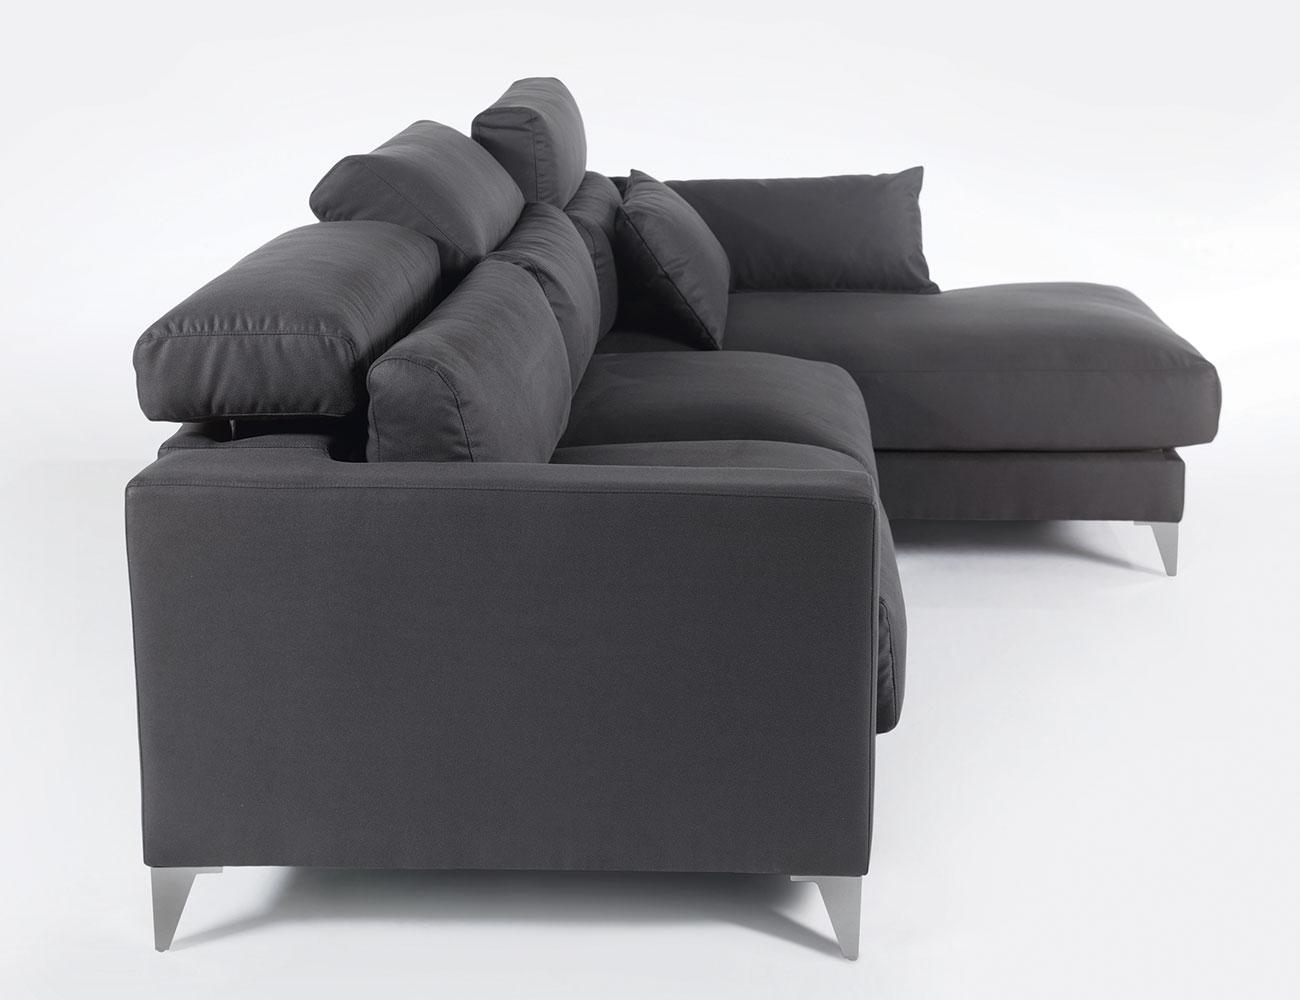 Sofa chaiselongue gran lujo decorativo grafito 118